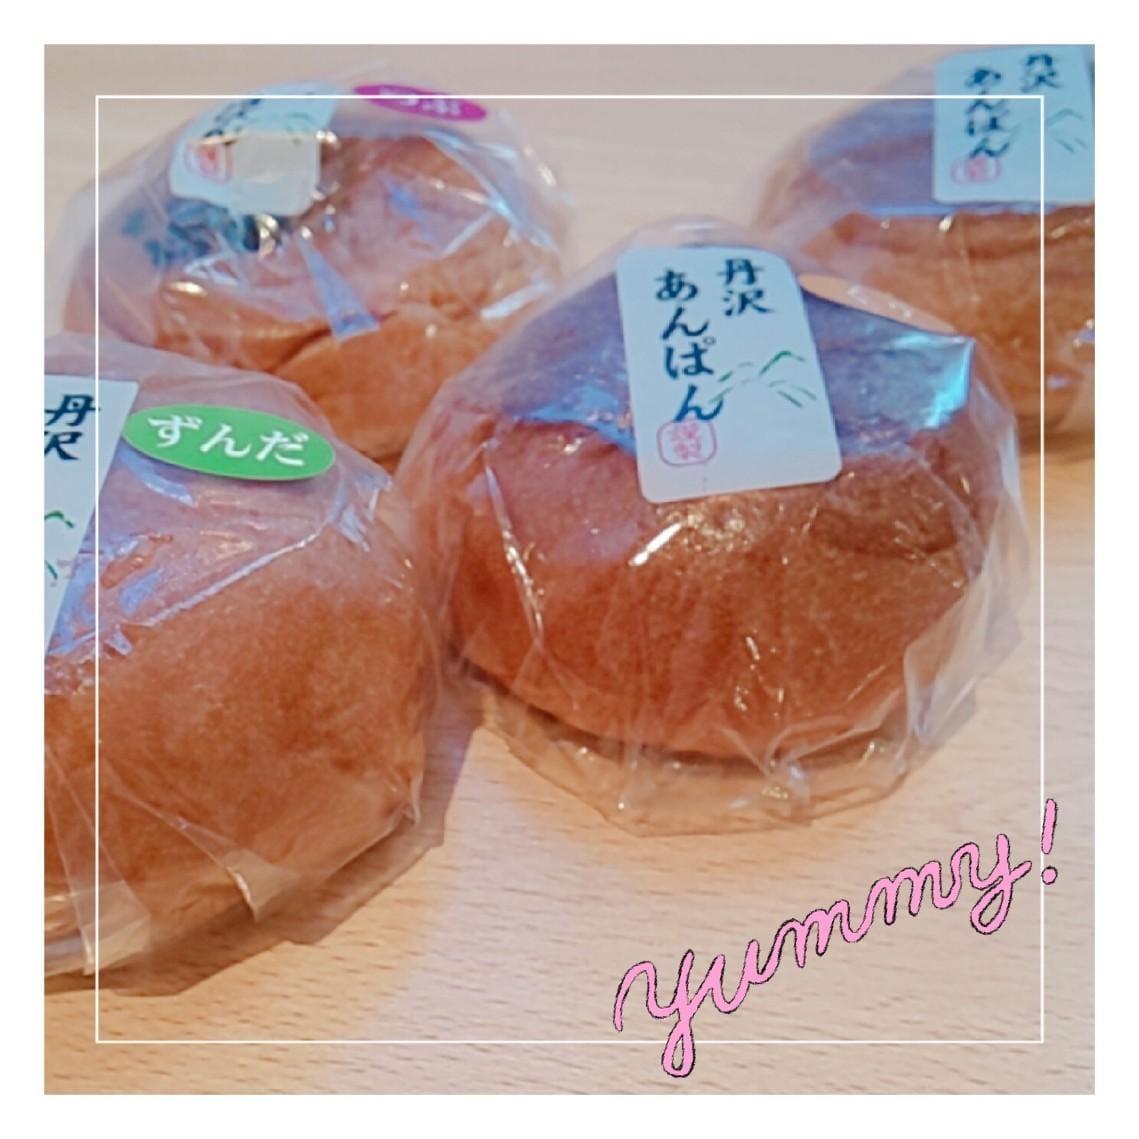 「夏は凍らせて♪」07/28(水) 12:04   るなの写メ日記